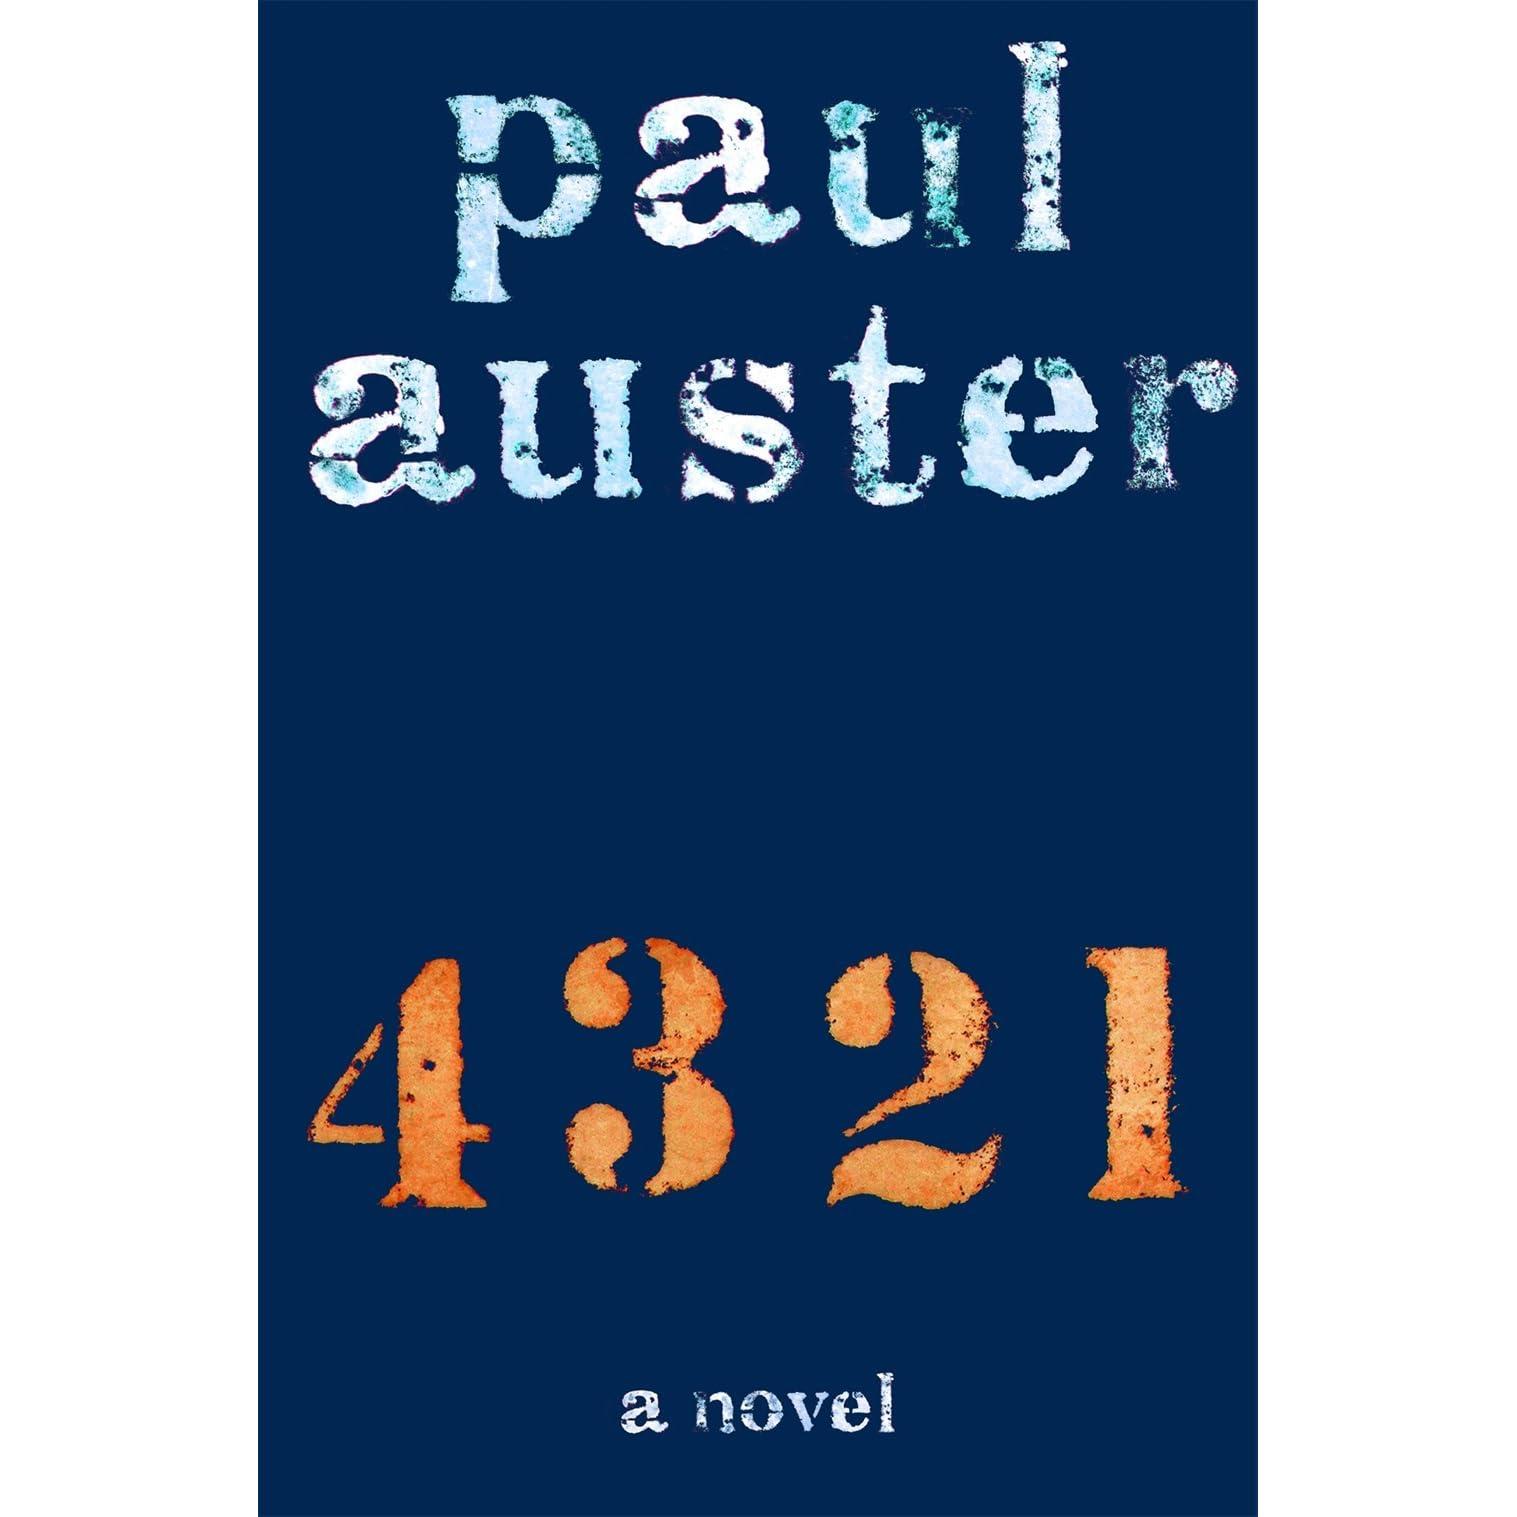 GRATUIT PAUL TÉLÉCHARGER 4321 AUSTER